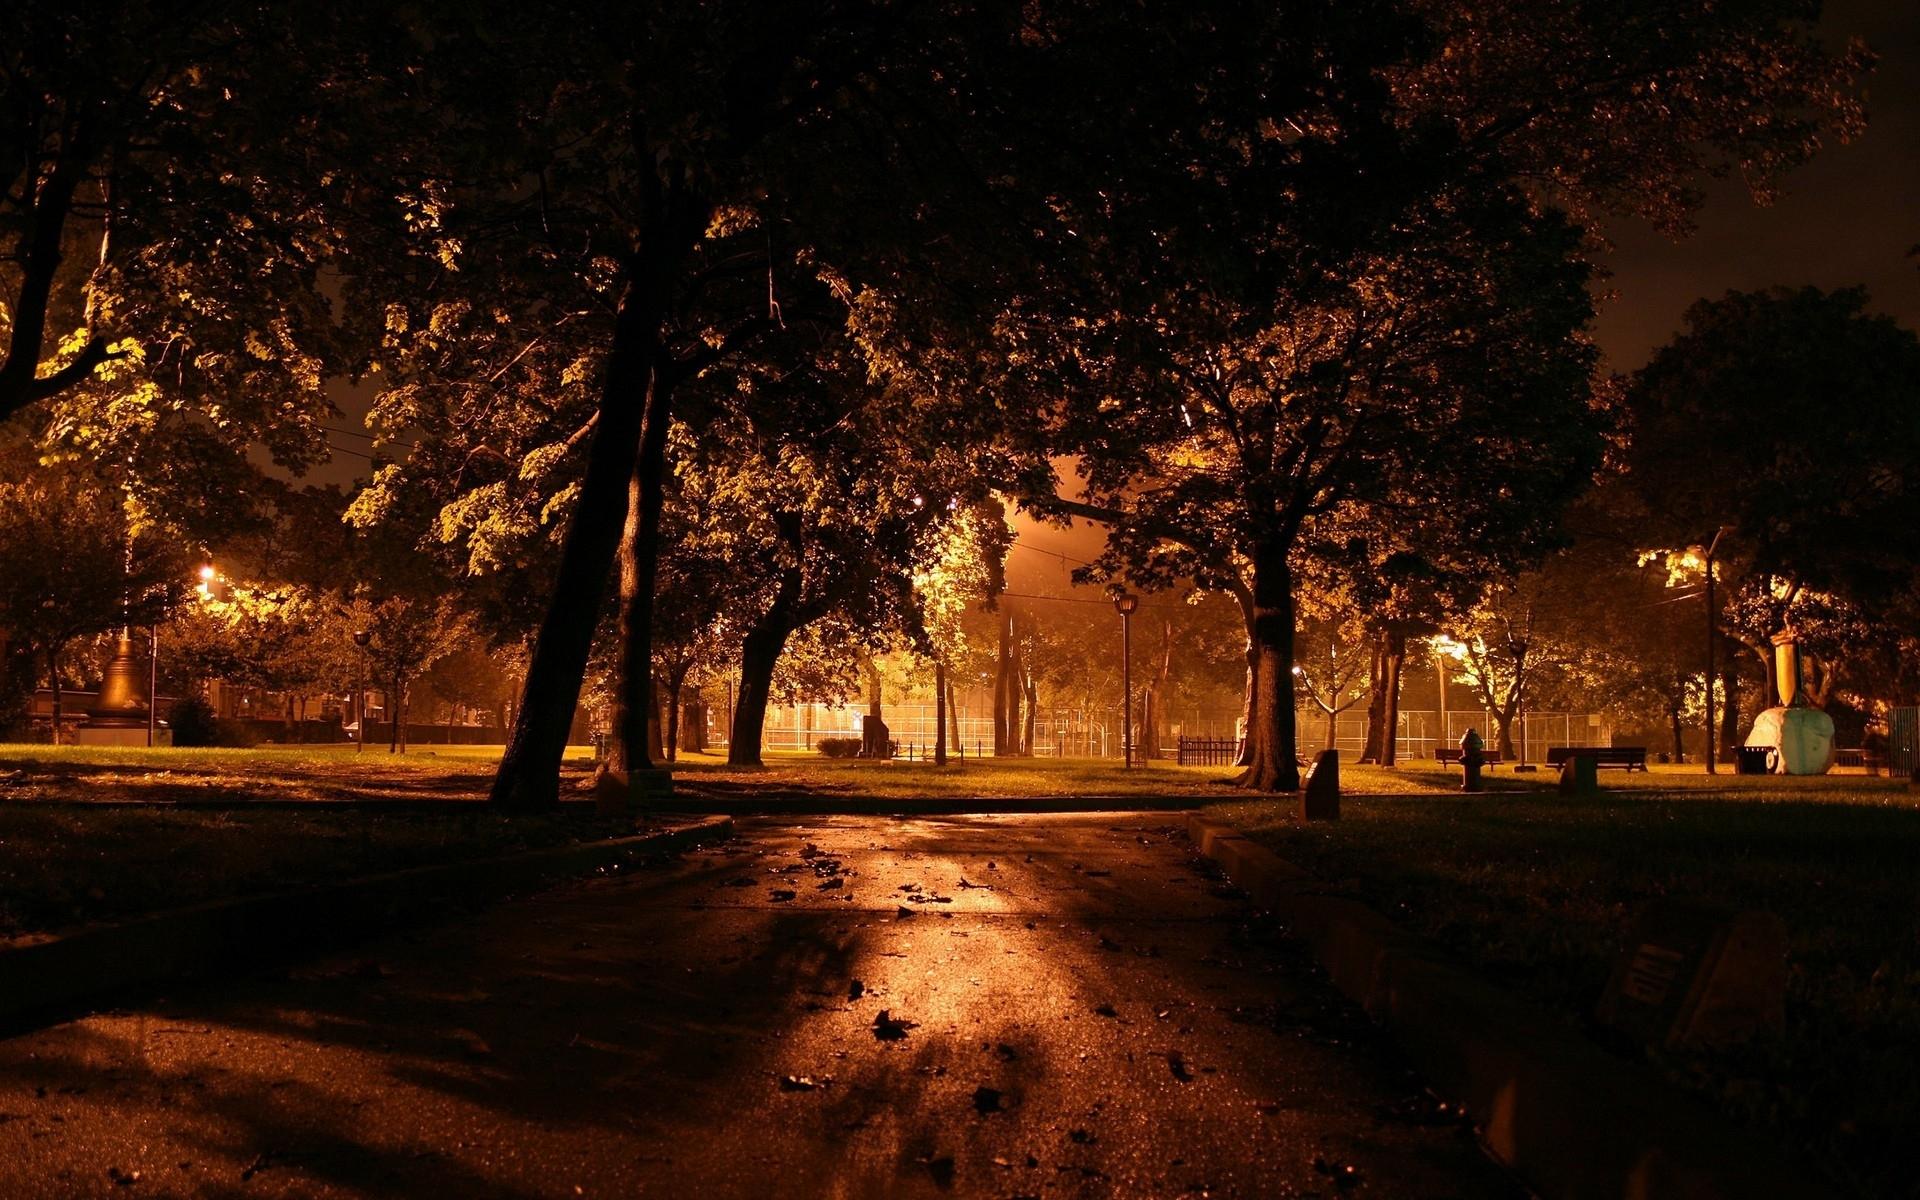 Скачать картинку Ночь, Парки, Осень, Города, Растения, Деревья в телефон бесплатно.